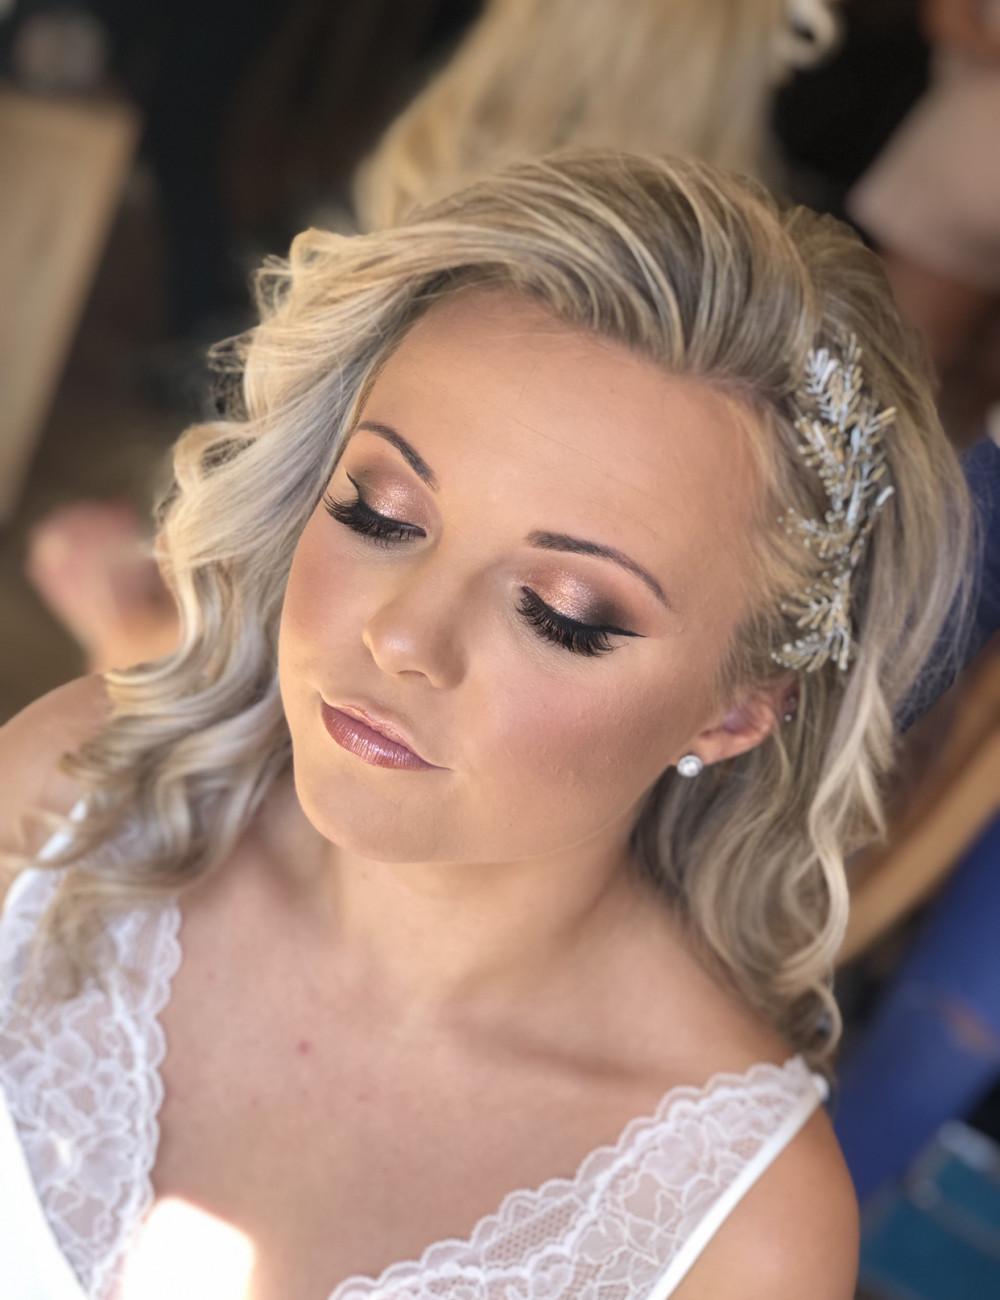 Bridal Hair & Makeup in West Sussex - Make Me Bridal Artist: Suzanne Dusek Hair & Makeup.